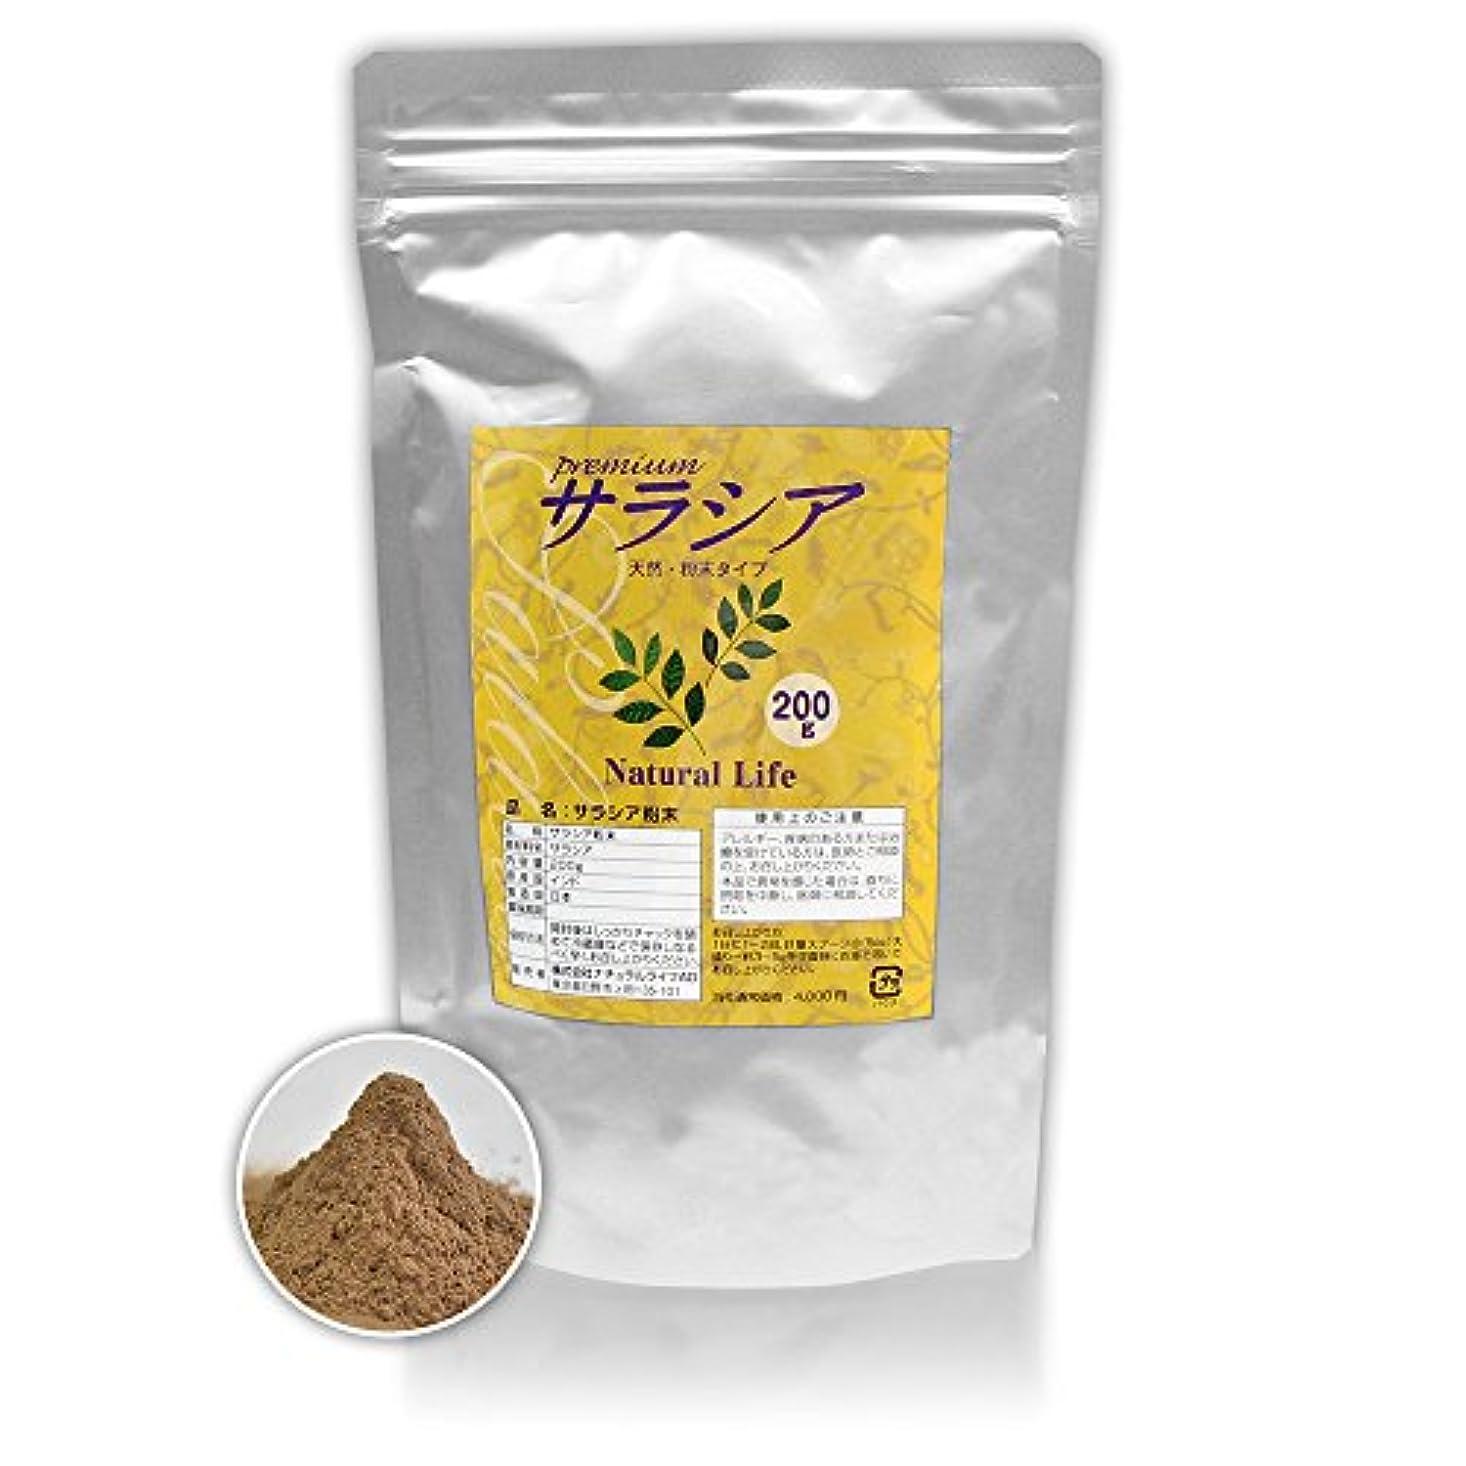 堤防ドリルカートンサラシア粉末[200g]天然ピュア原料(無添加)健康食品(さらしあ,レティキュラータ)